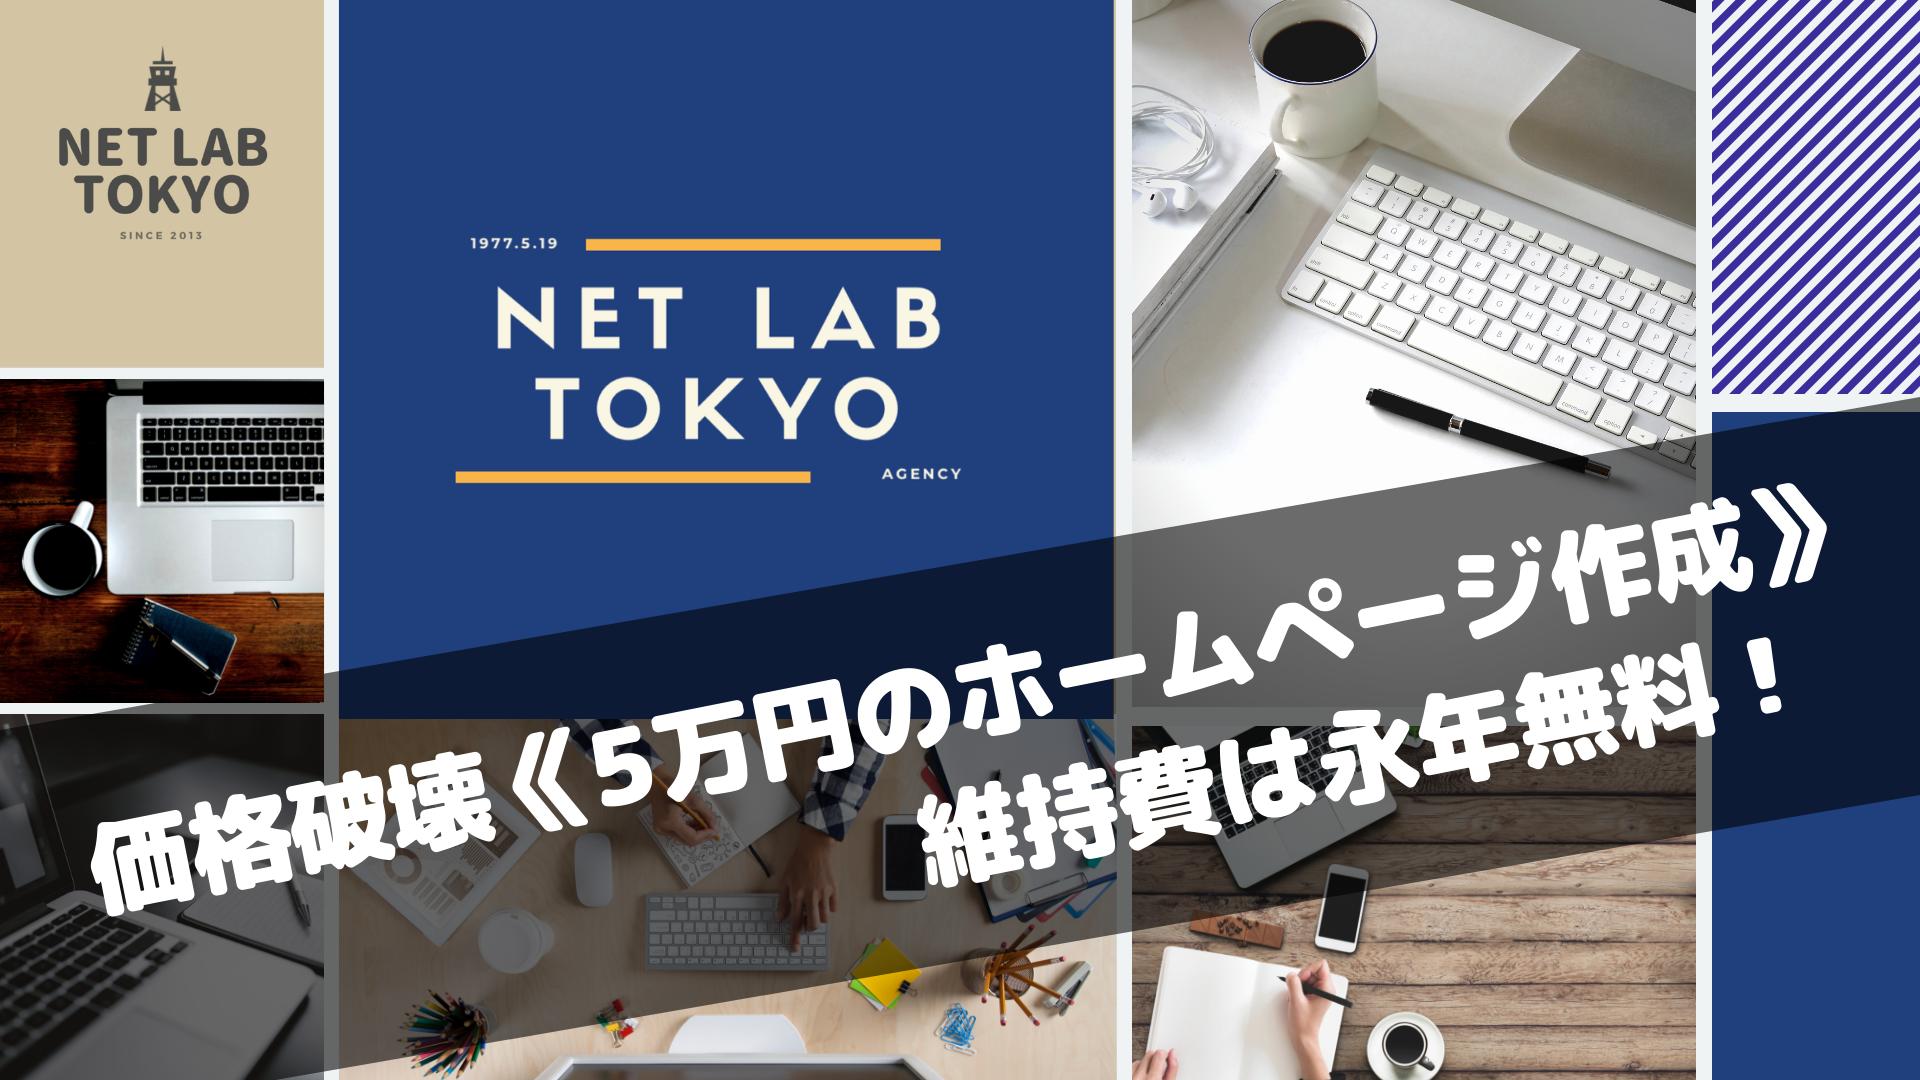 維持費0円のホームページ作成 / ネットらぼ東京 イメージ画像